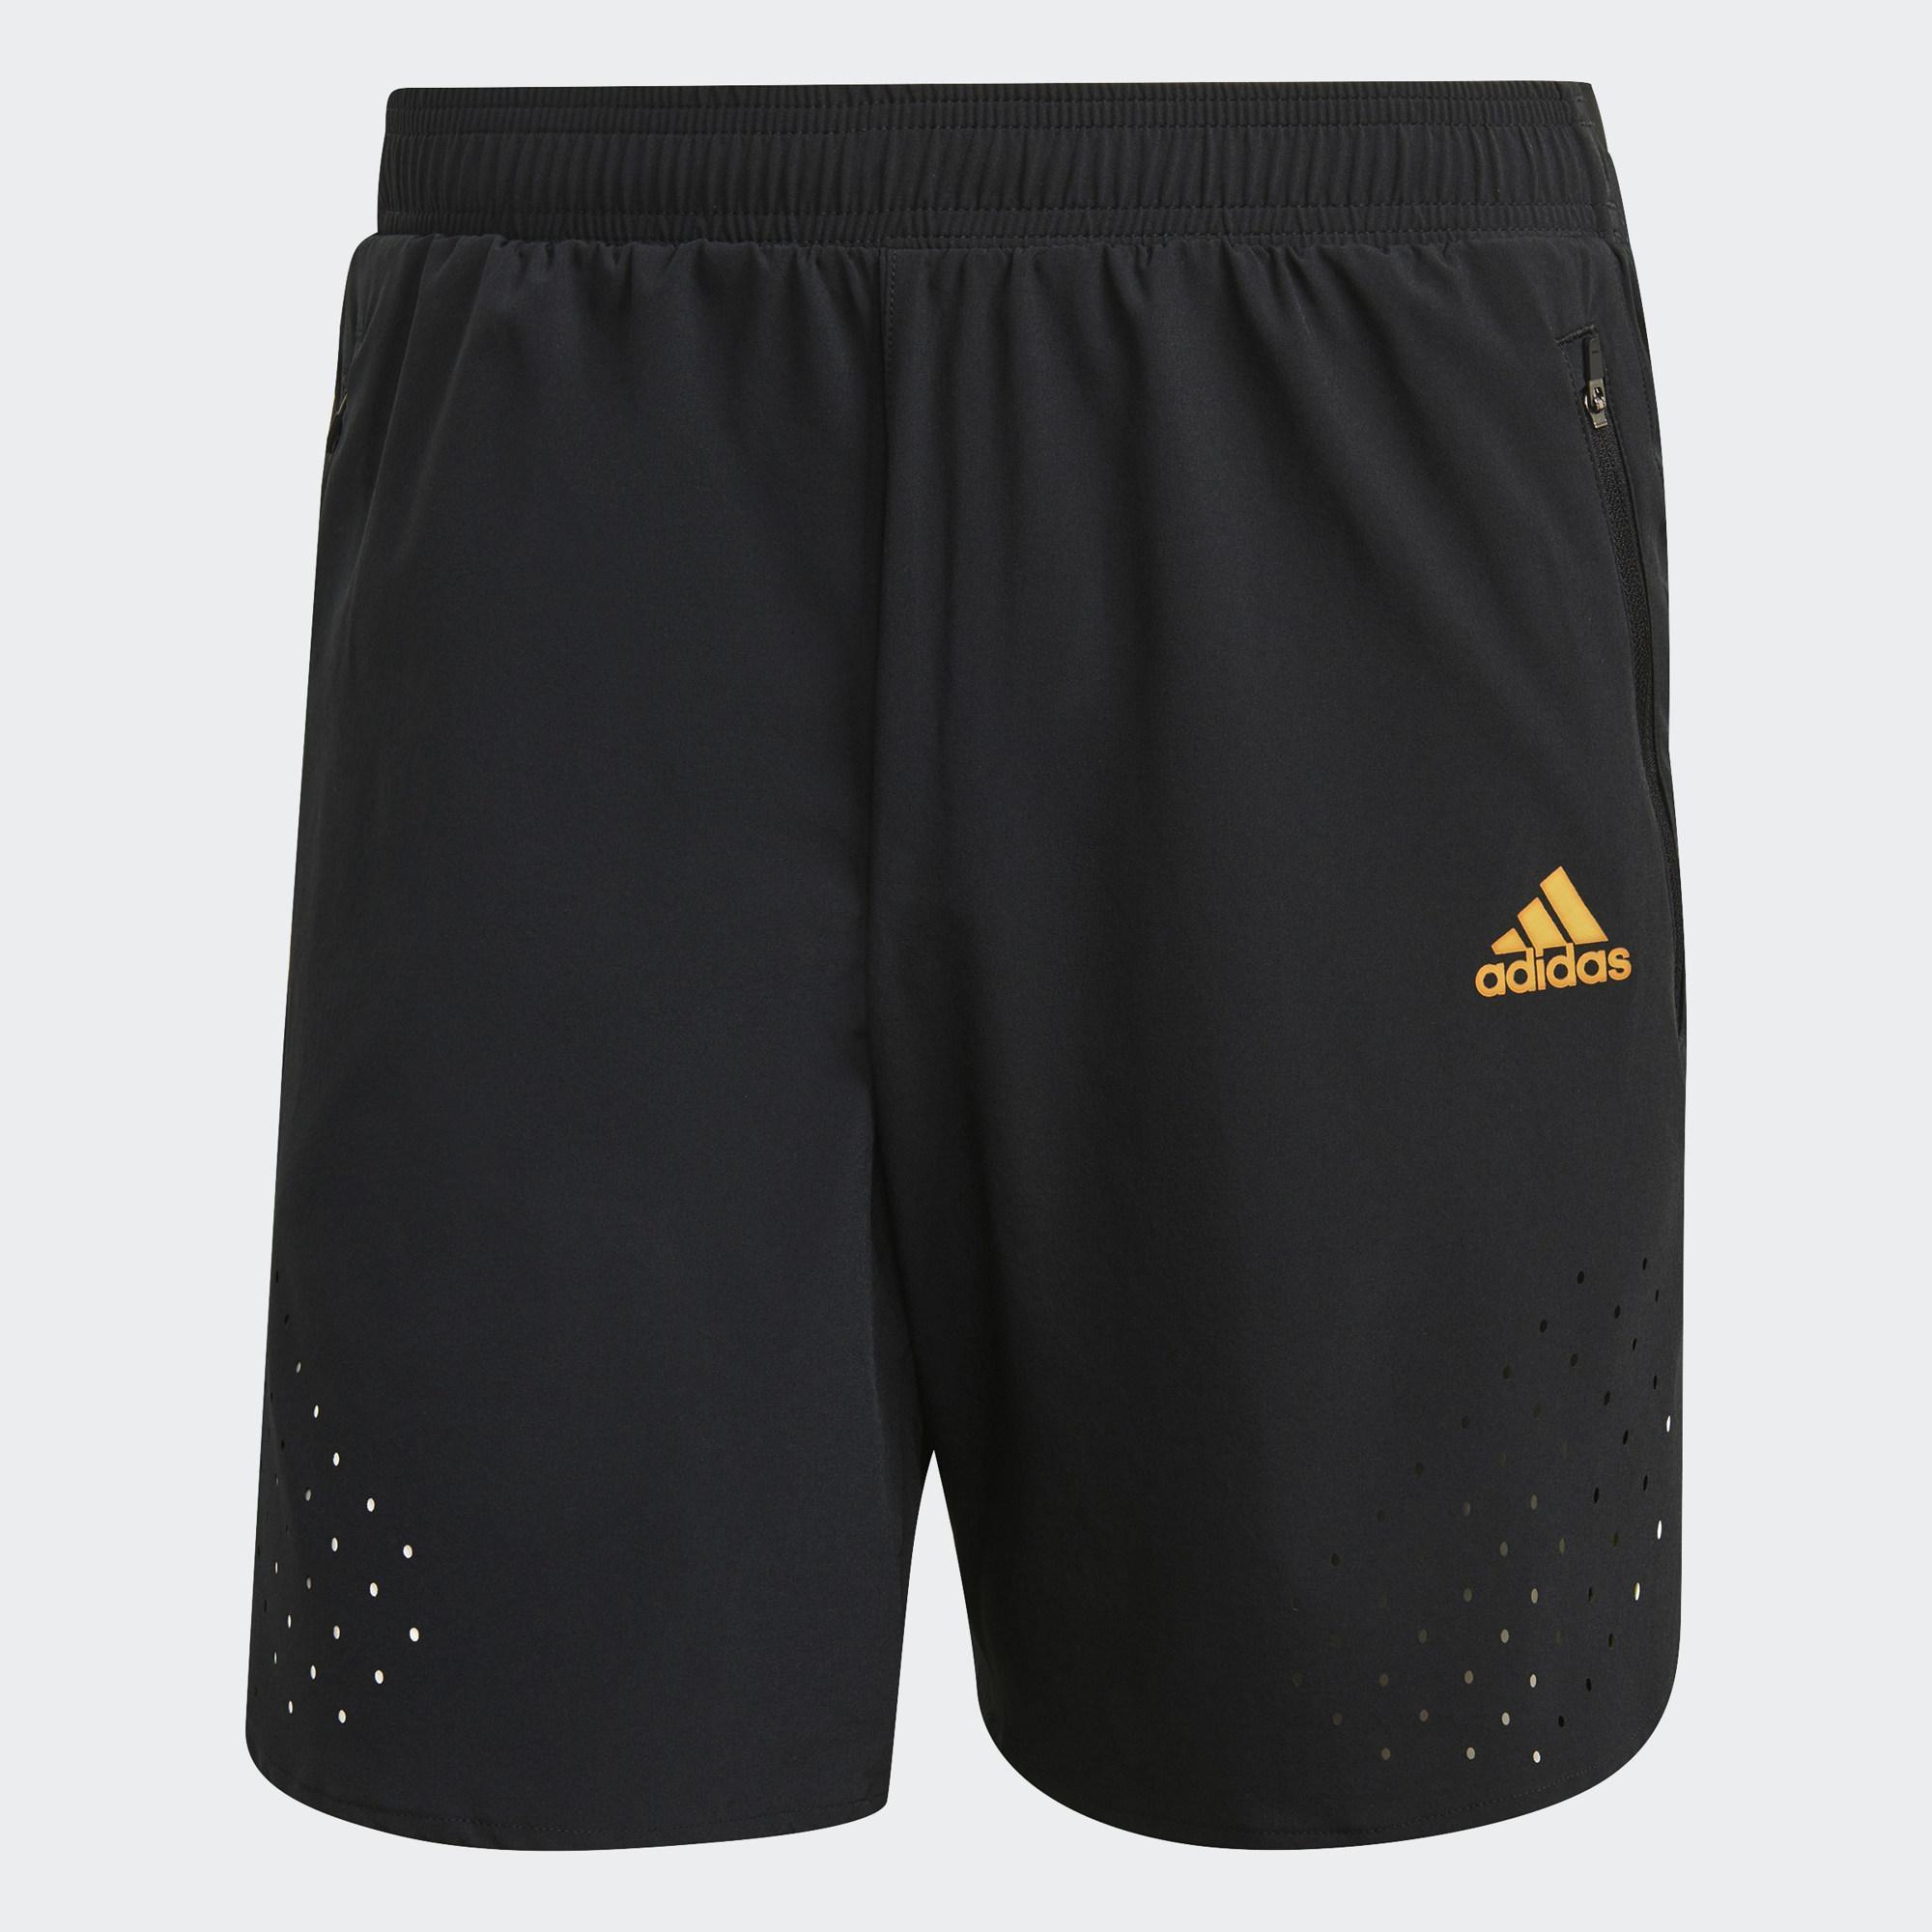 Ultra 運動短褲